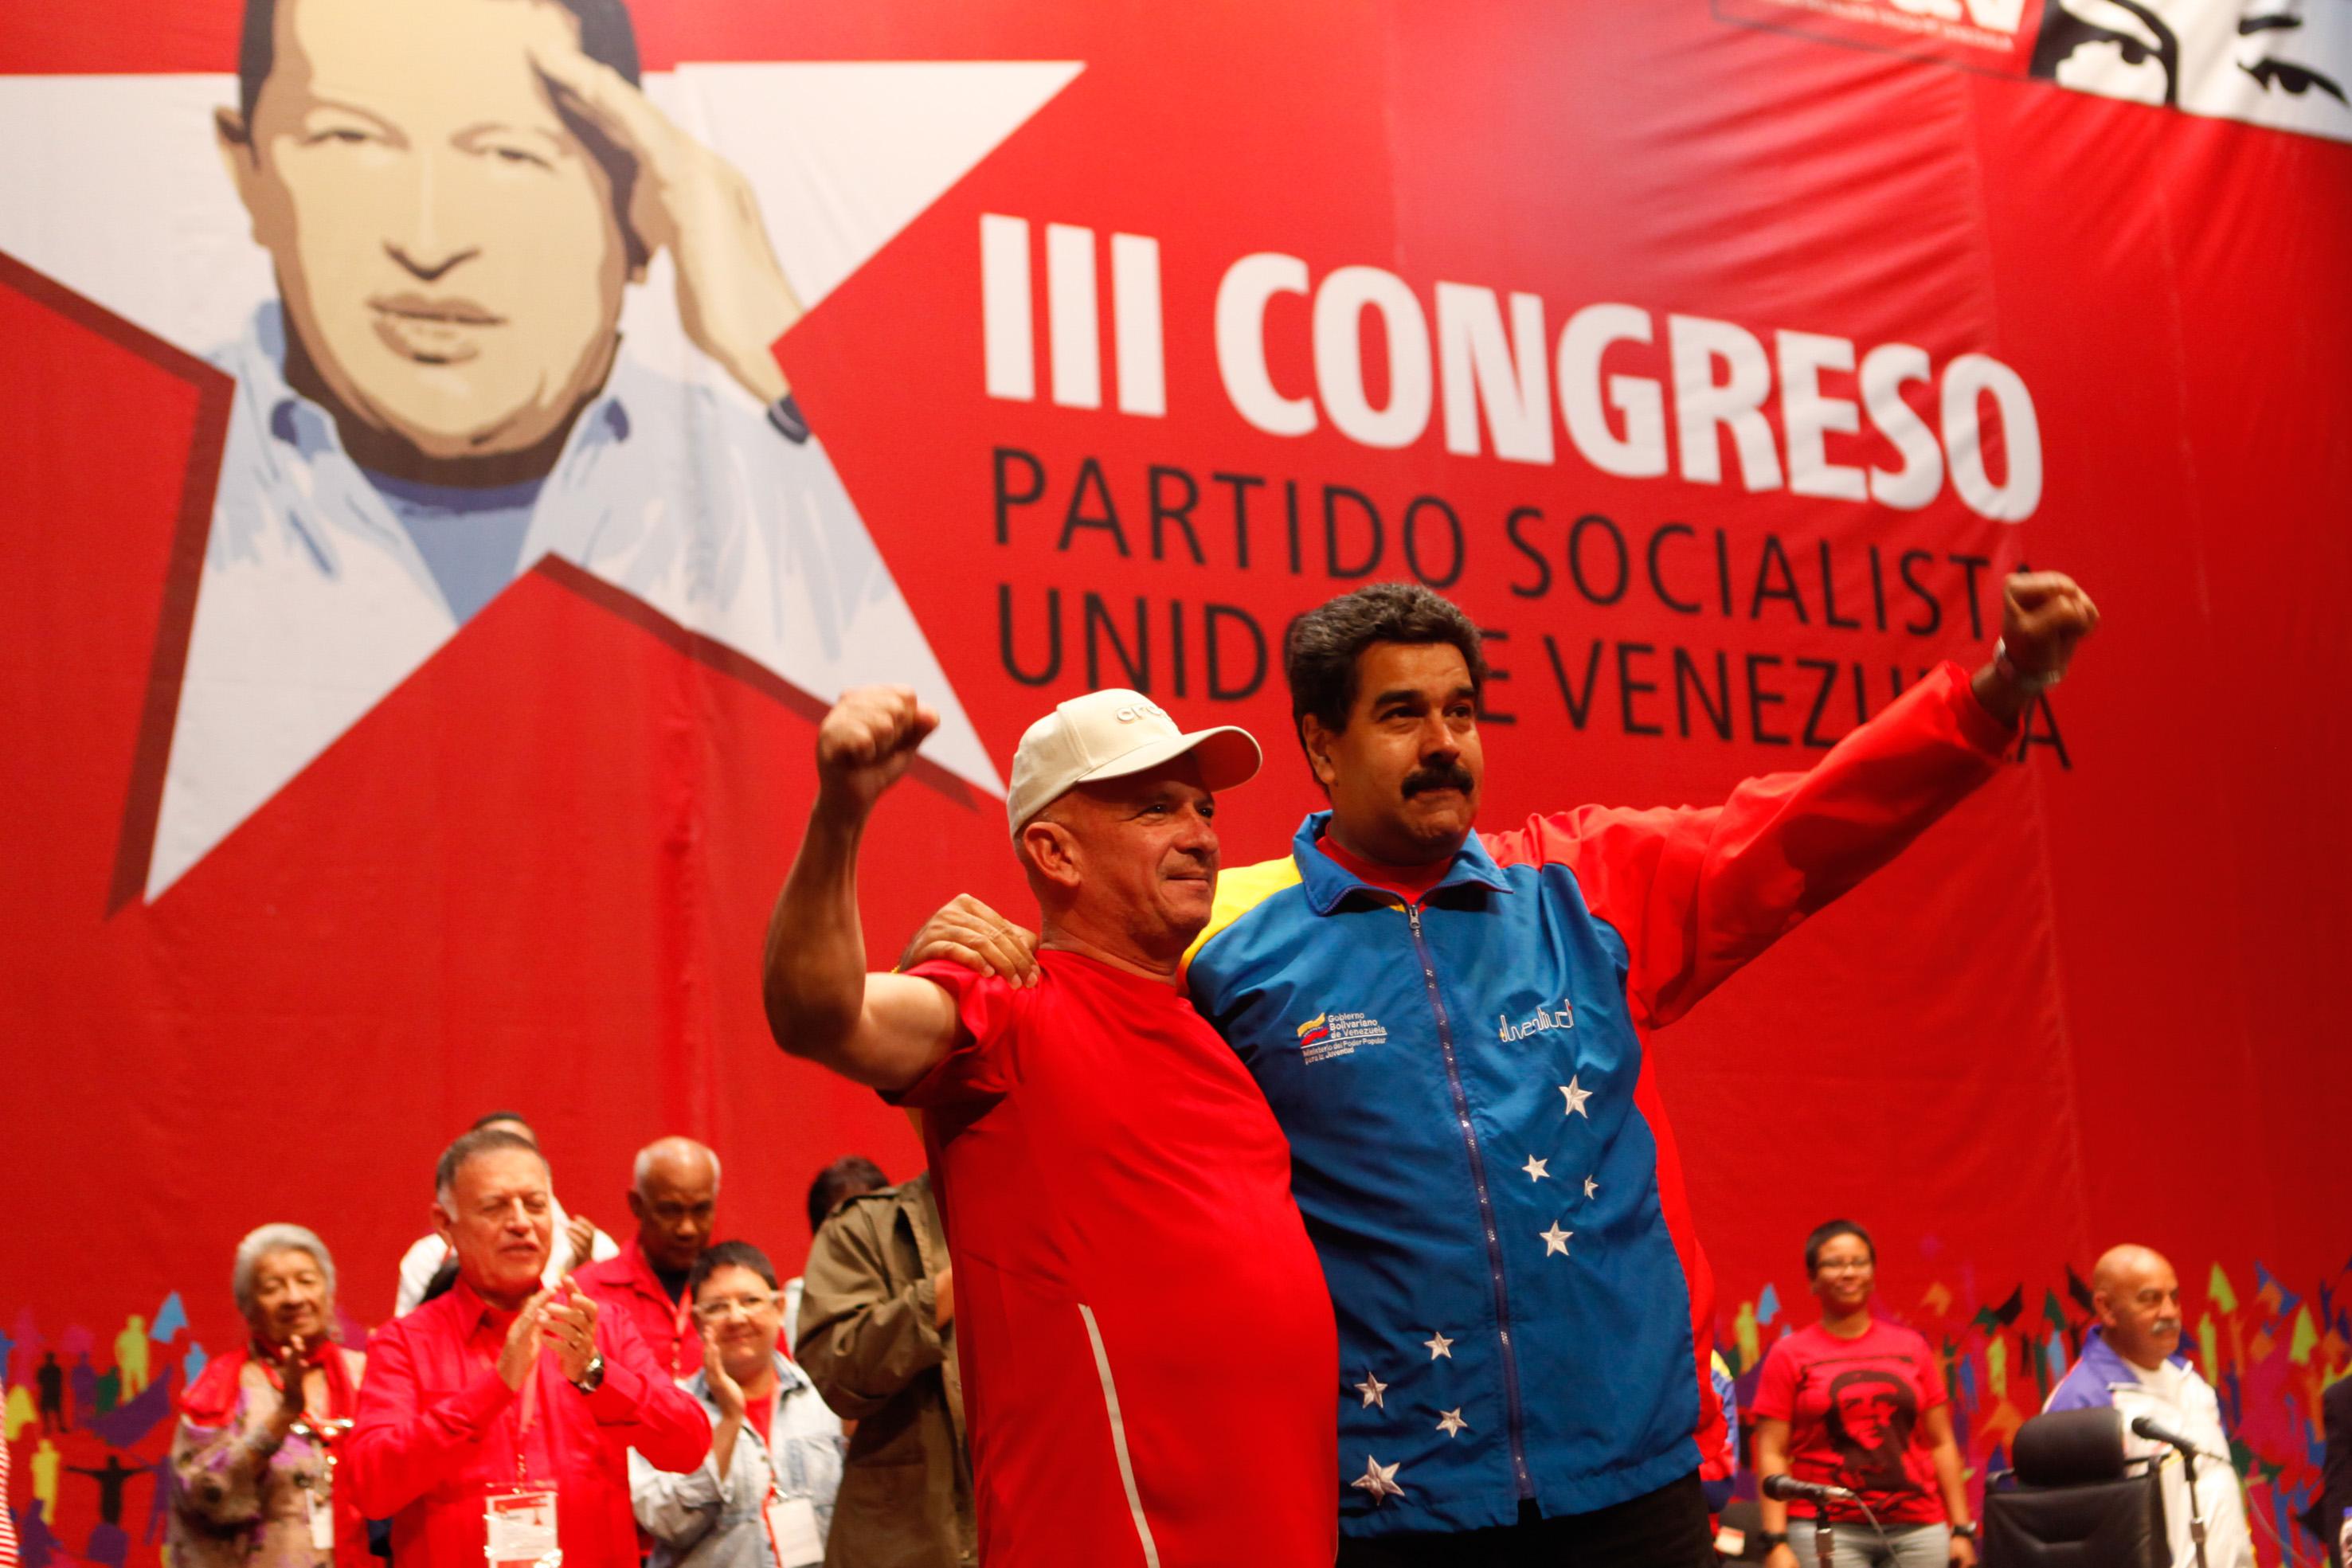 Őrizetbe vették Madridban Hugo Chávez egykori kémfőnökét